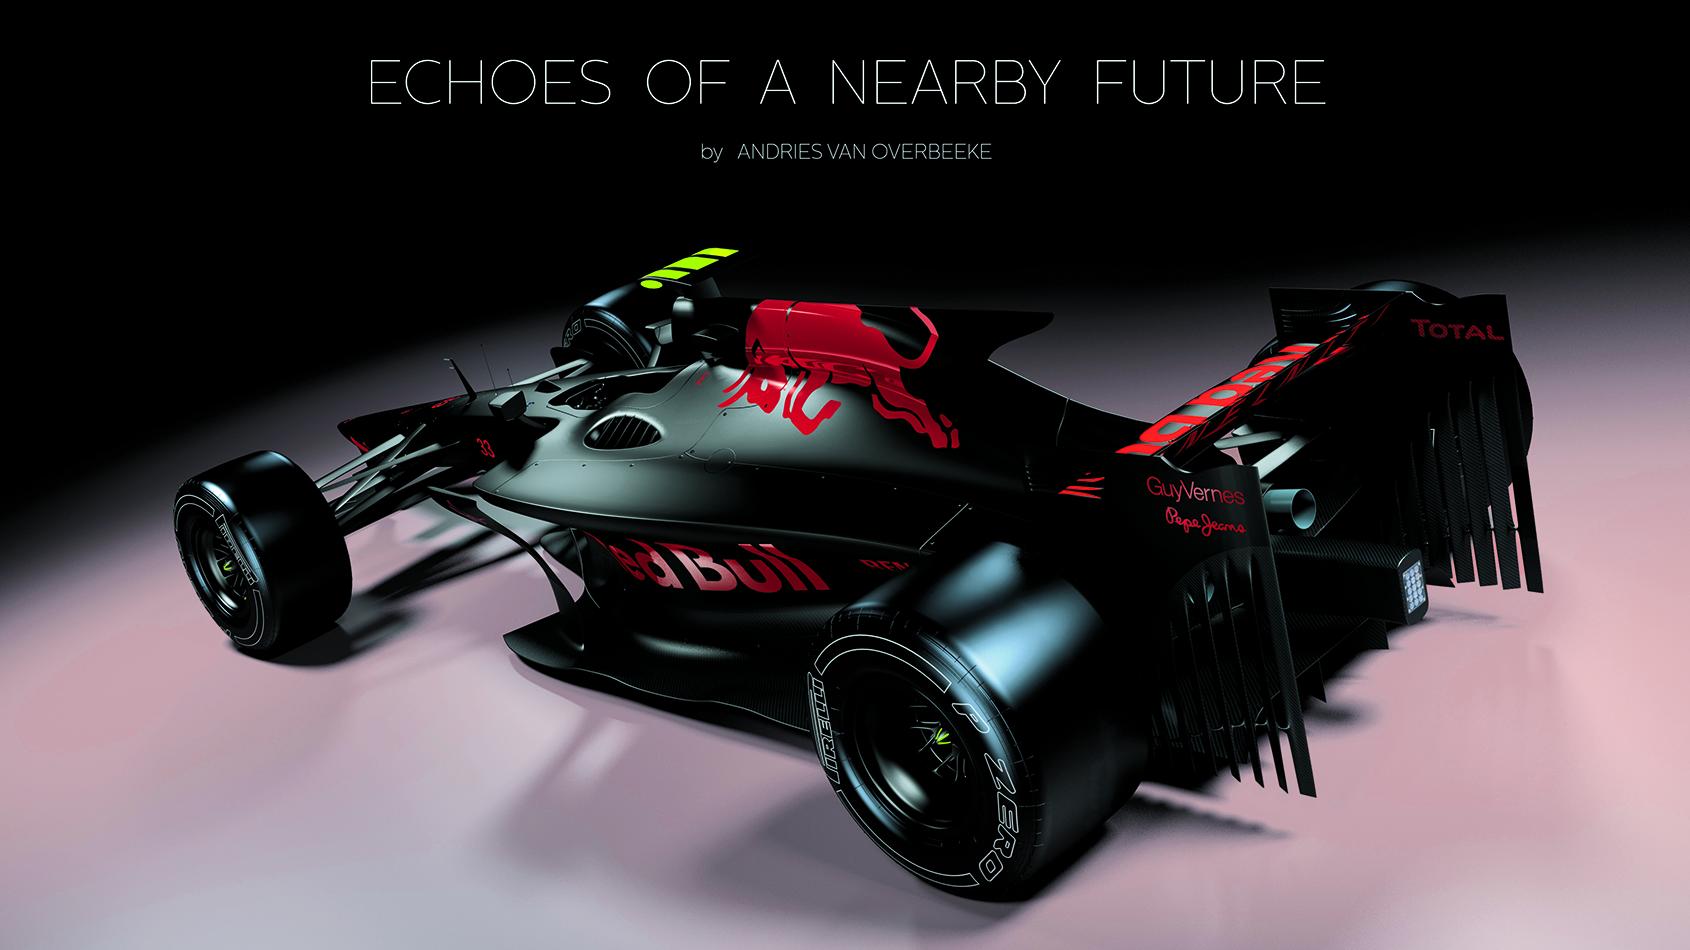 F1 Zukunft Grafik. Copyright: Andries van Overbeeke